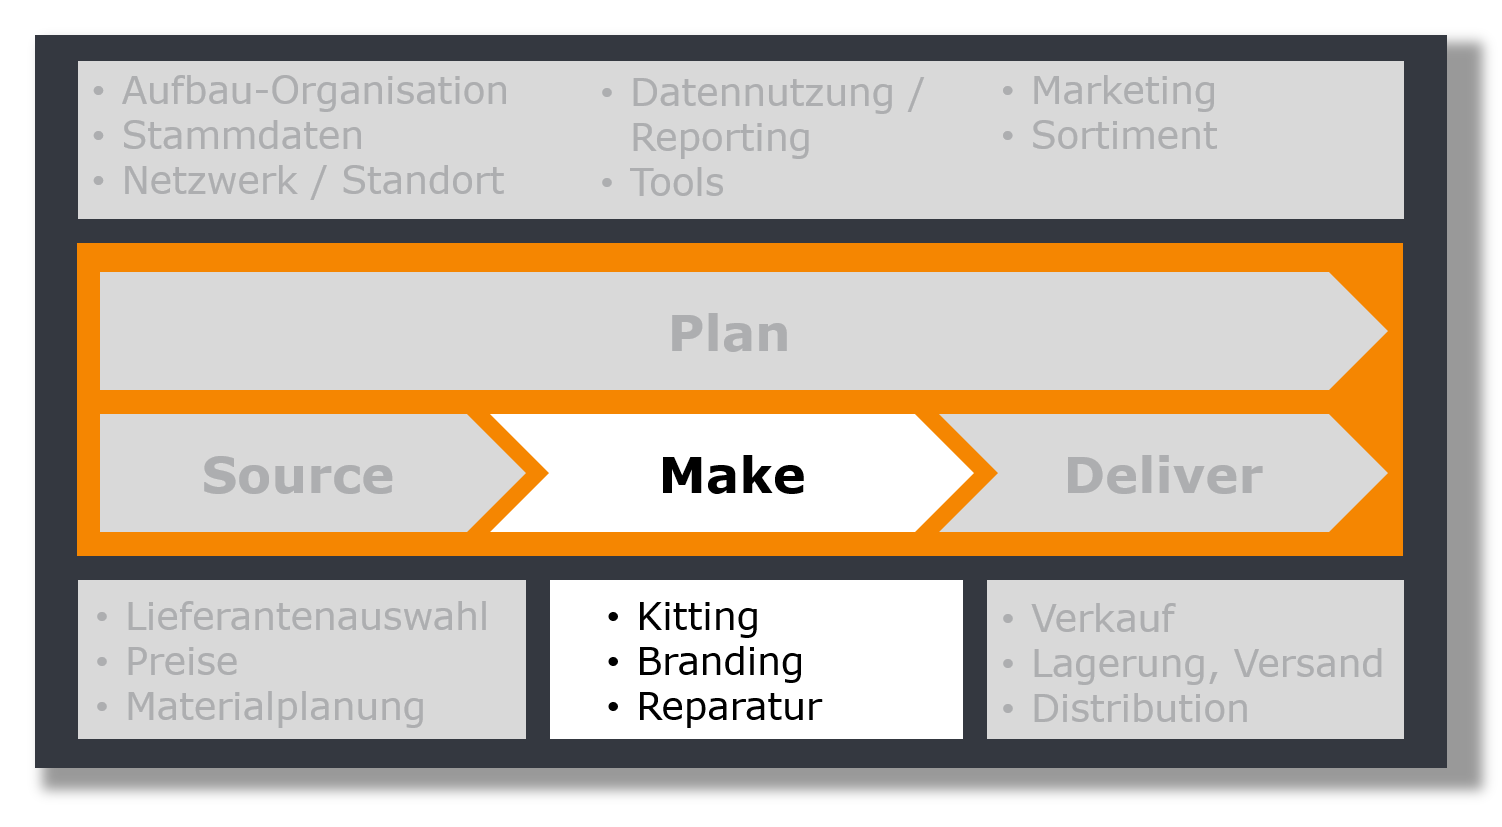 Ersatzteilmanagement Make, Managementberatung für Ersatzteilgeschäft und After Sales Service